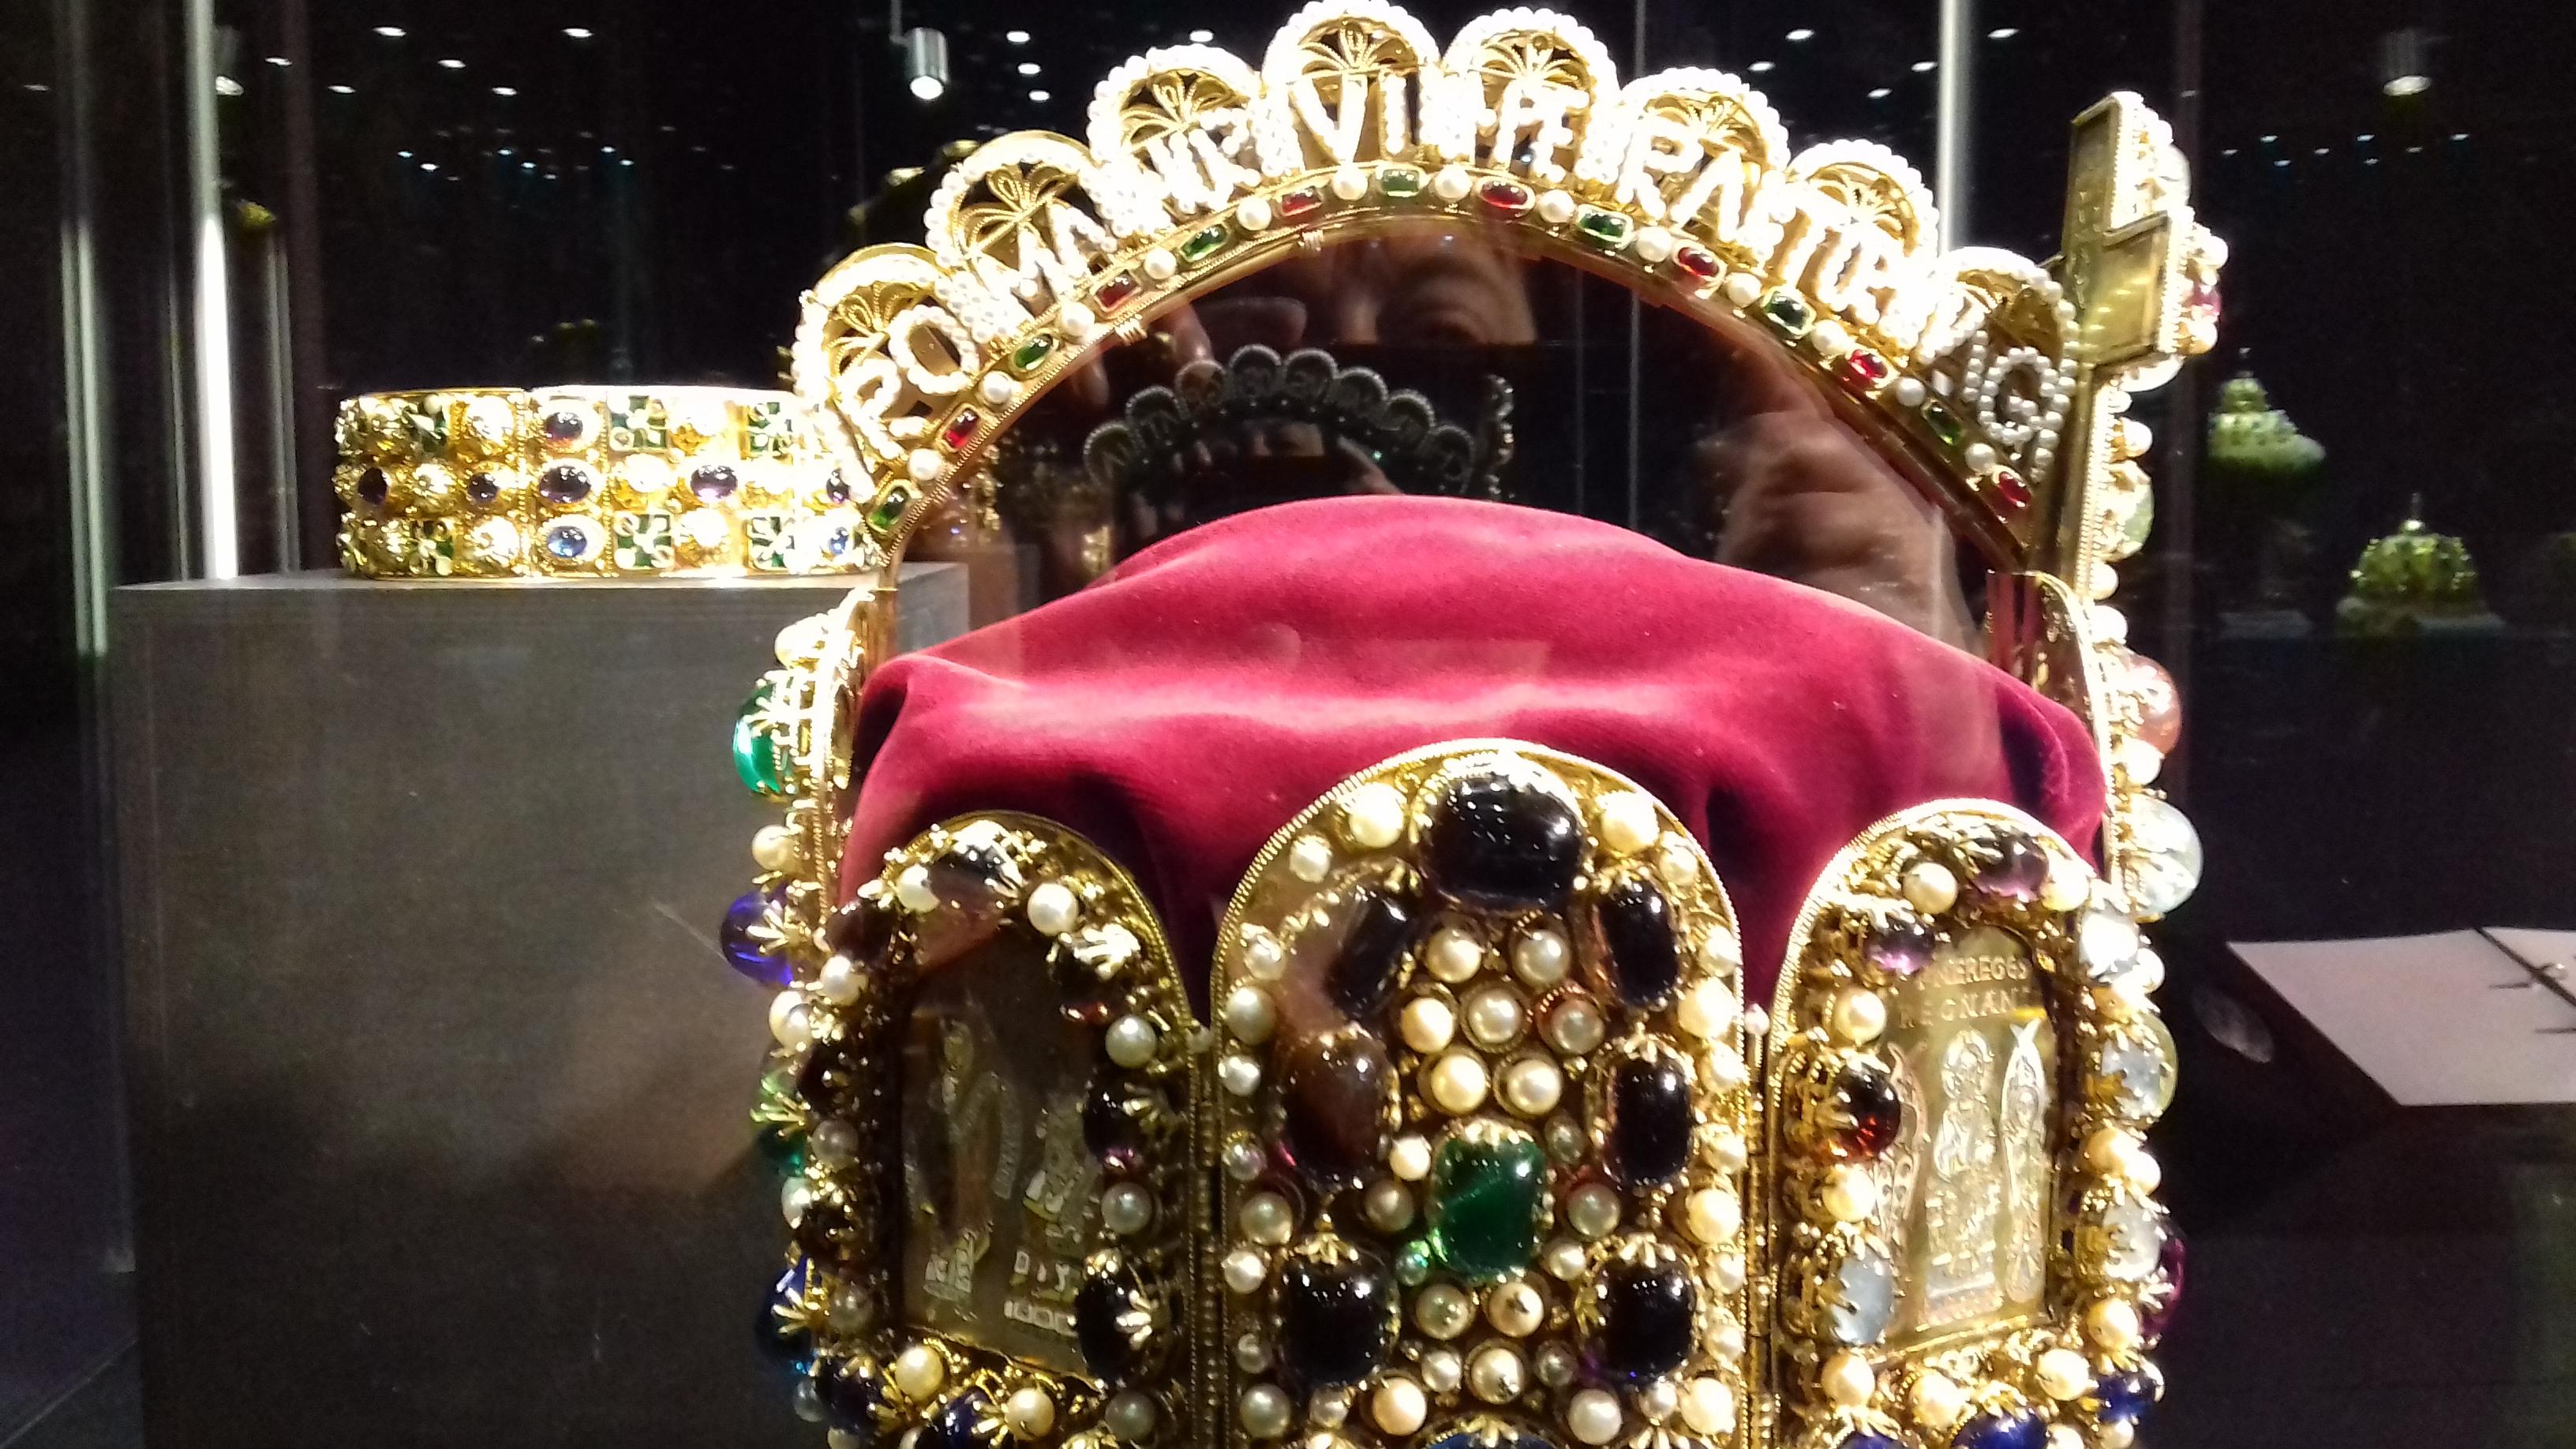 b094f6ac8 Američané vše našli a korunovační klenoty převezli zpátky do Vídně. Dnes je  originál koruny a další poklady v Císařské klenotnici ve vídeňském Hofburgu.